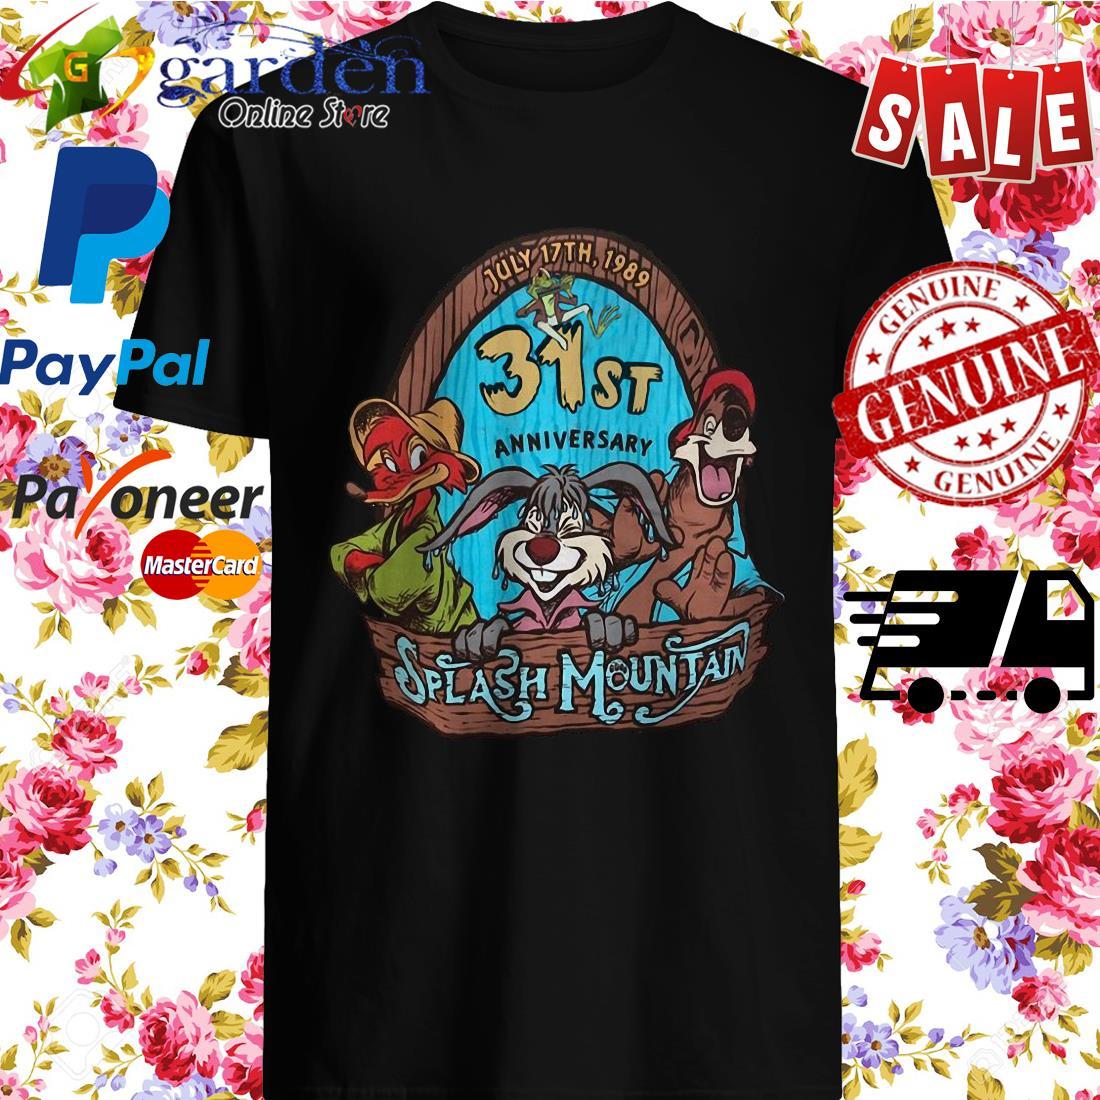 30st Anniversary Splash Mountain Shirt